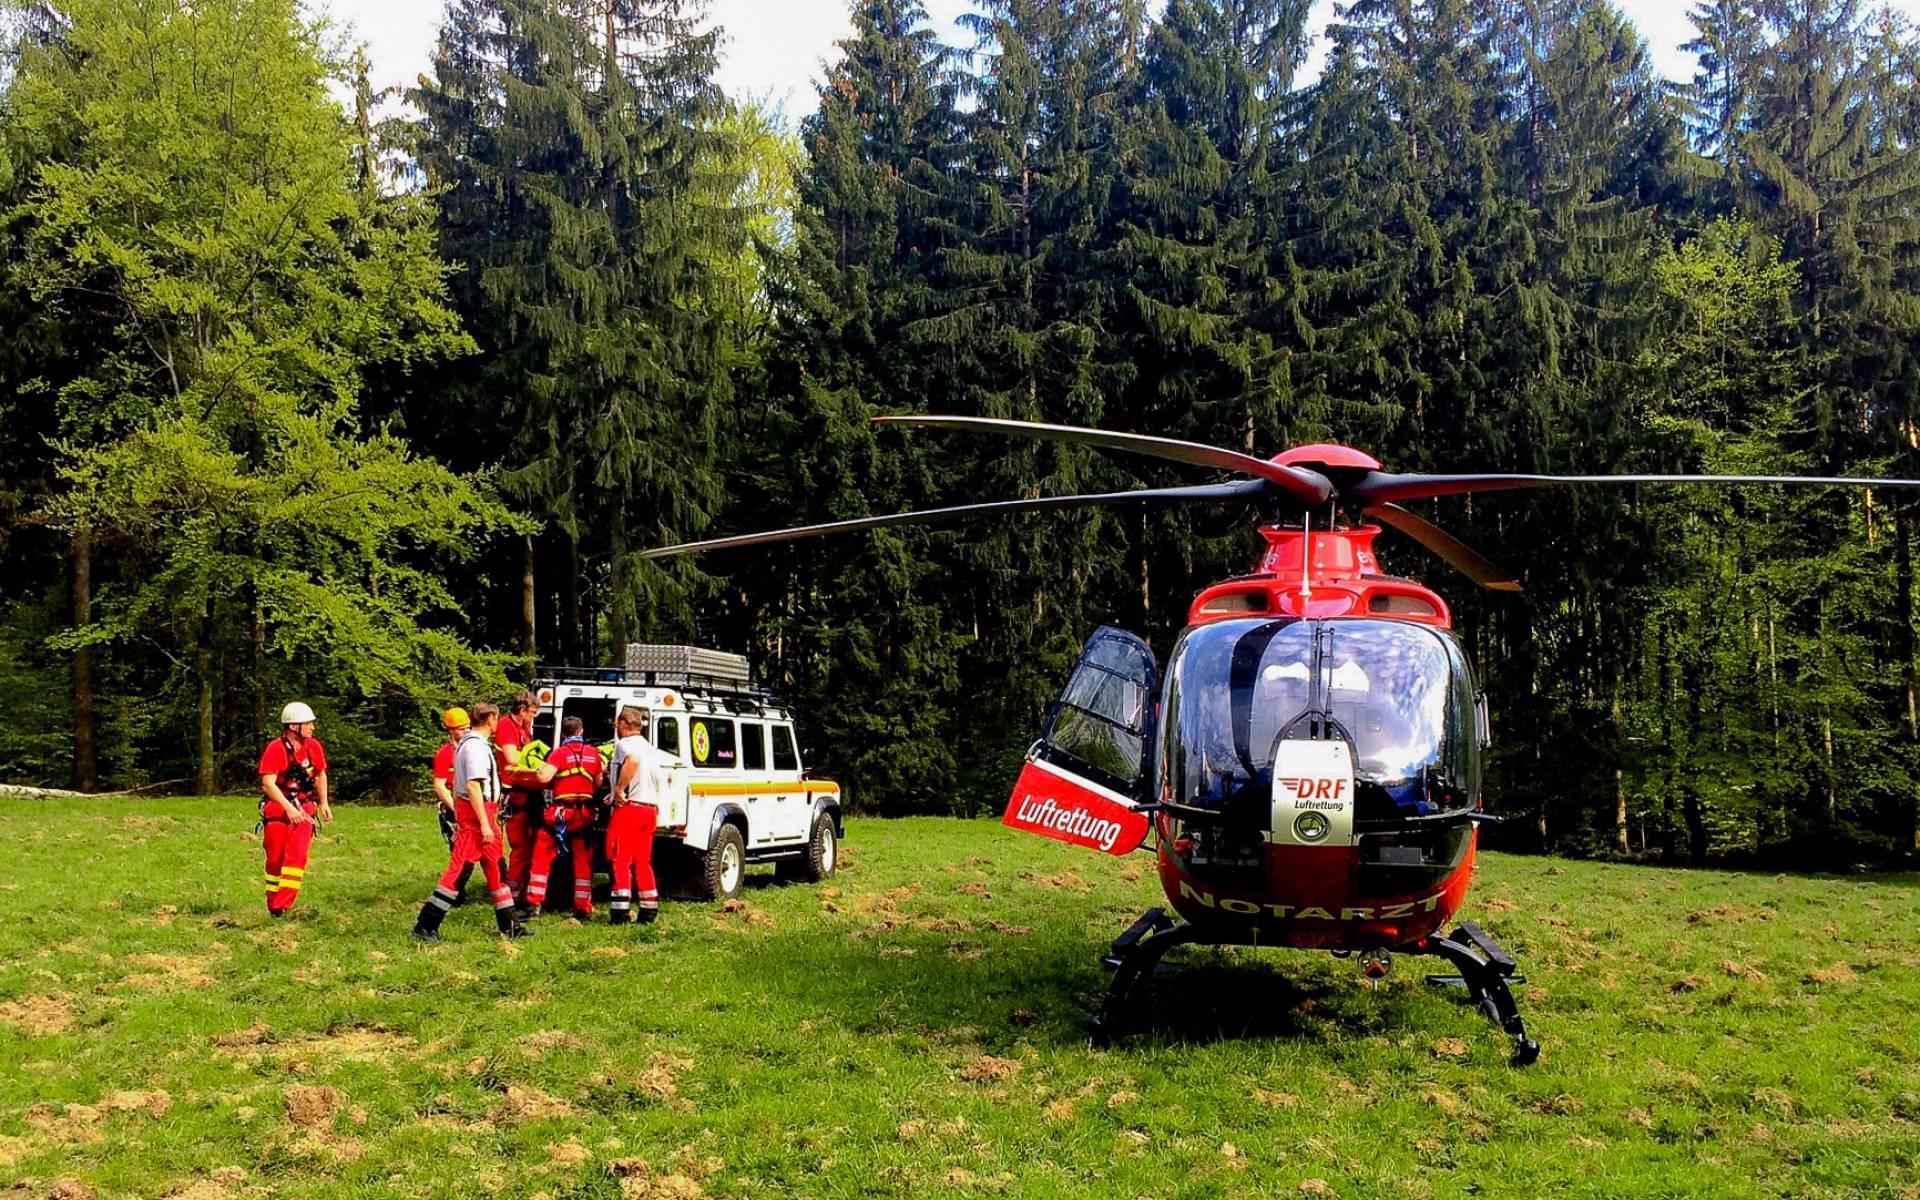 Der fünfte Einsatz des Tages: Die Bergwacht übergibt einen schwer verletzten Kletterer an die Hubschrauberbesatzung von Christoph 38.